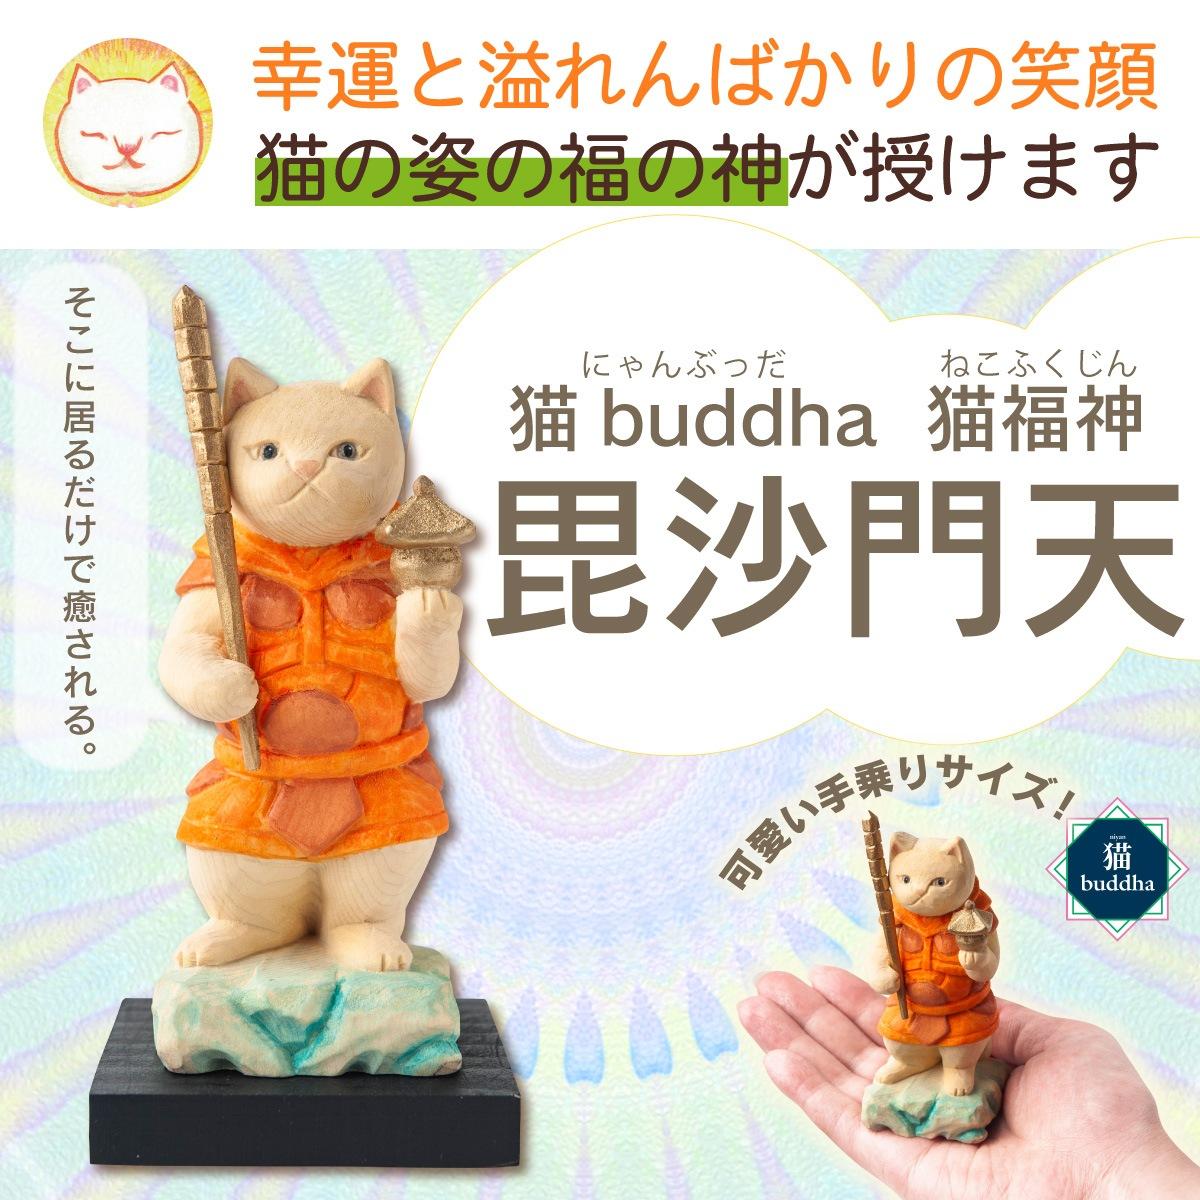 猫buddha 猫福神 毘沙門天